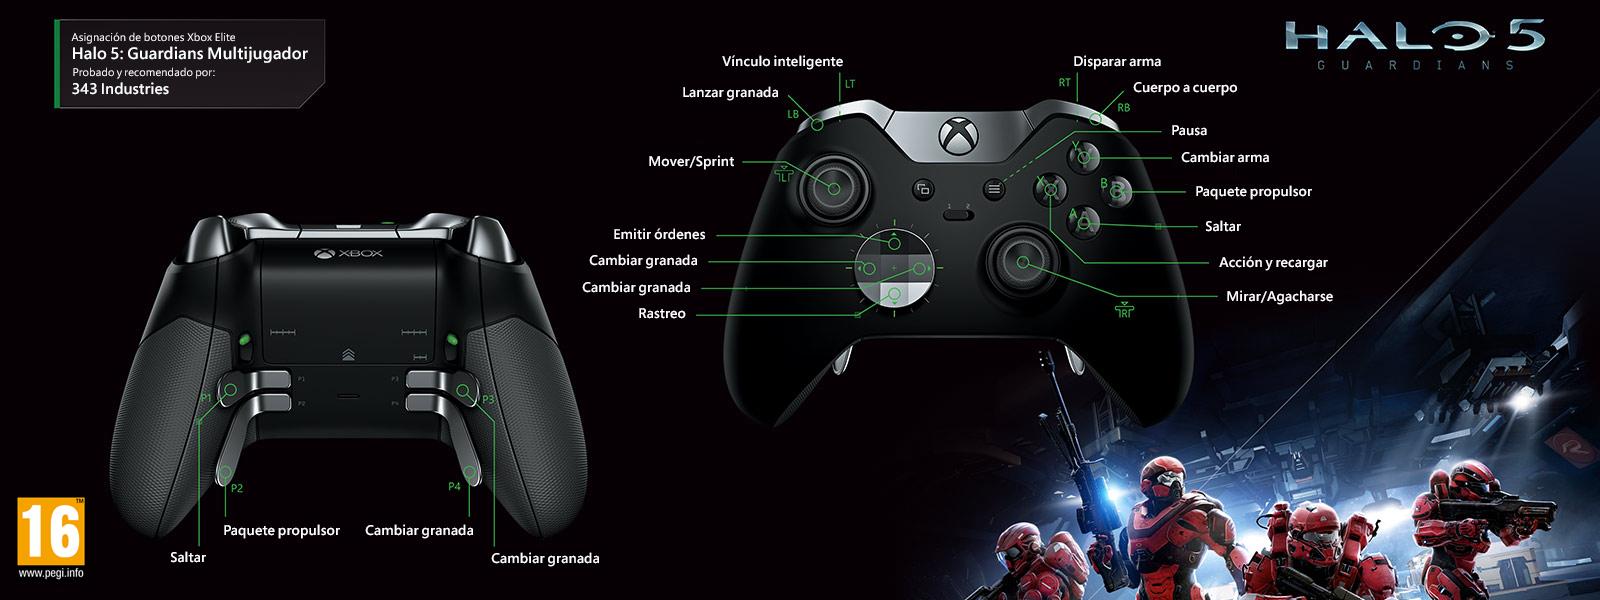 Multijugador en Halo 5: Guardians (asignación de funciones del mando Elite)